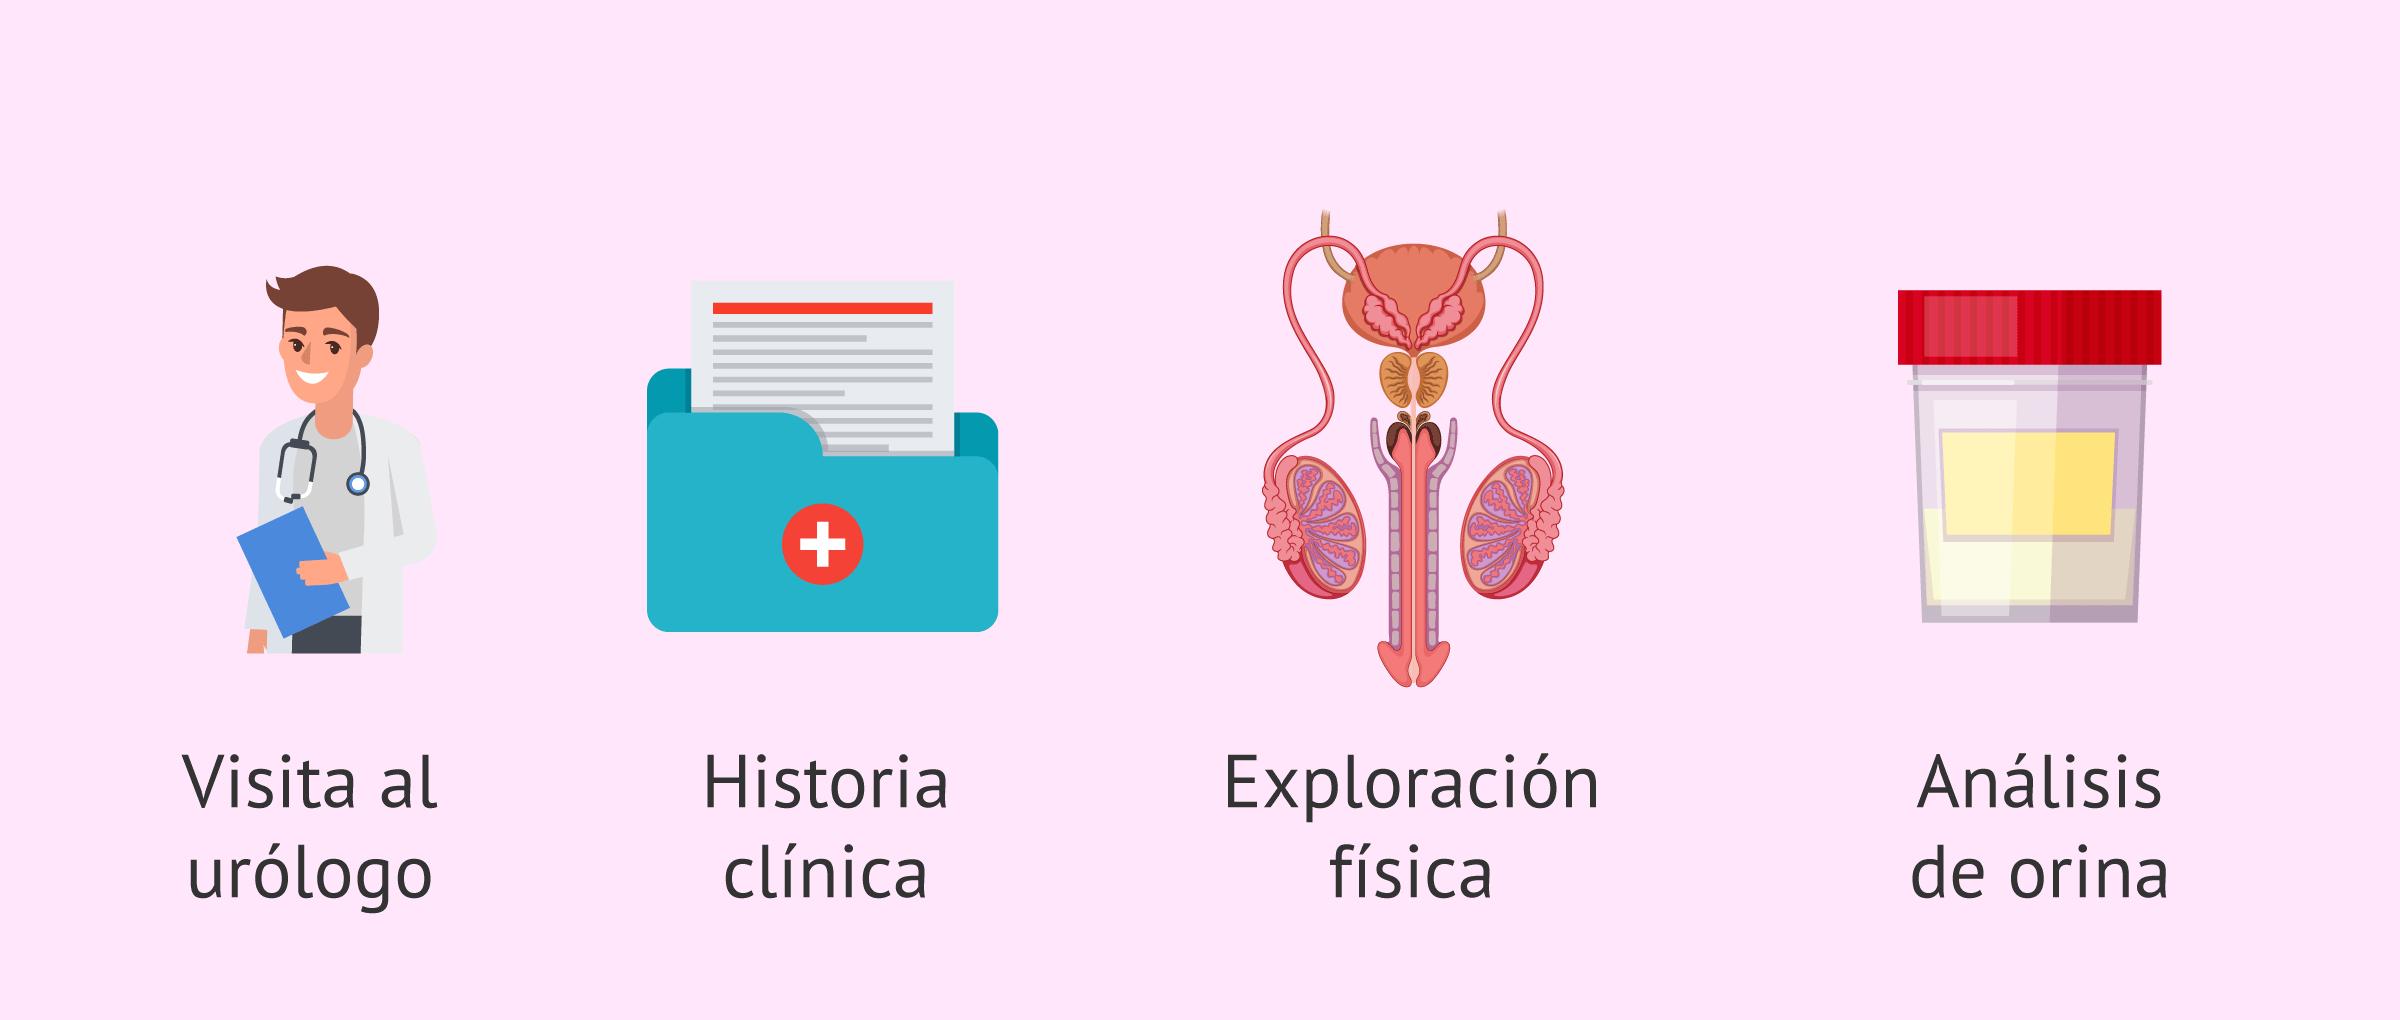 Pruebas para el diagnóstico de la eyaculación retrógrada